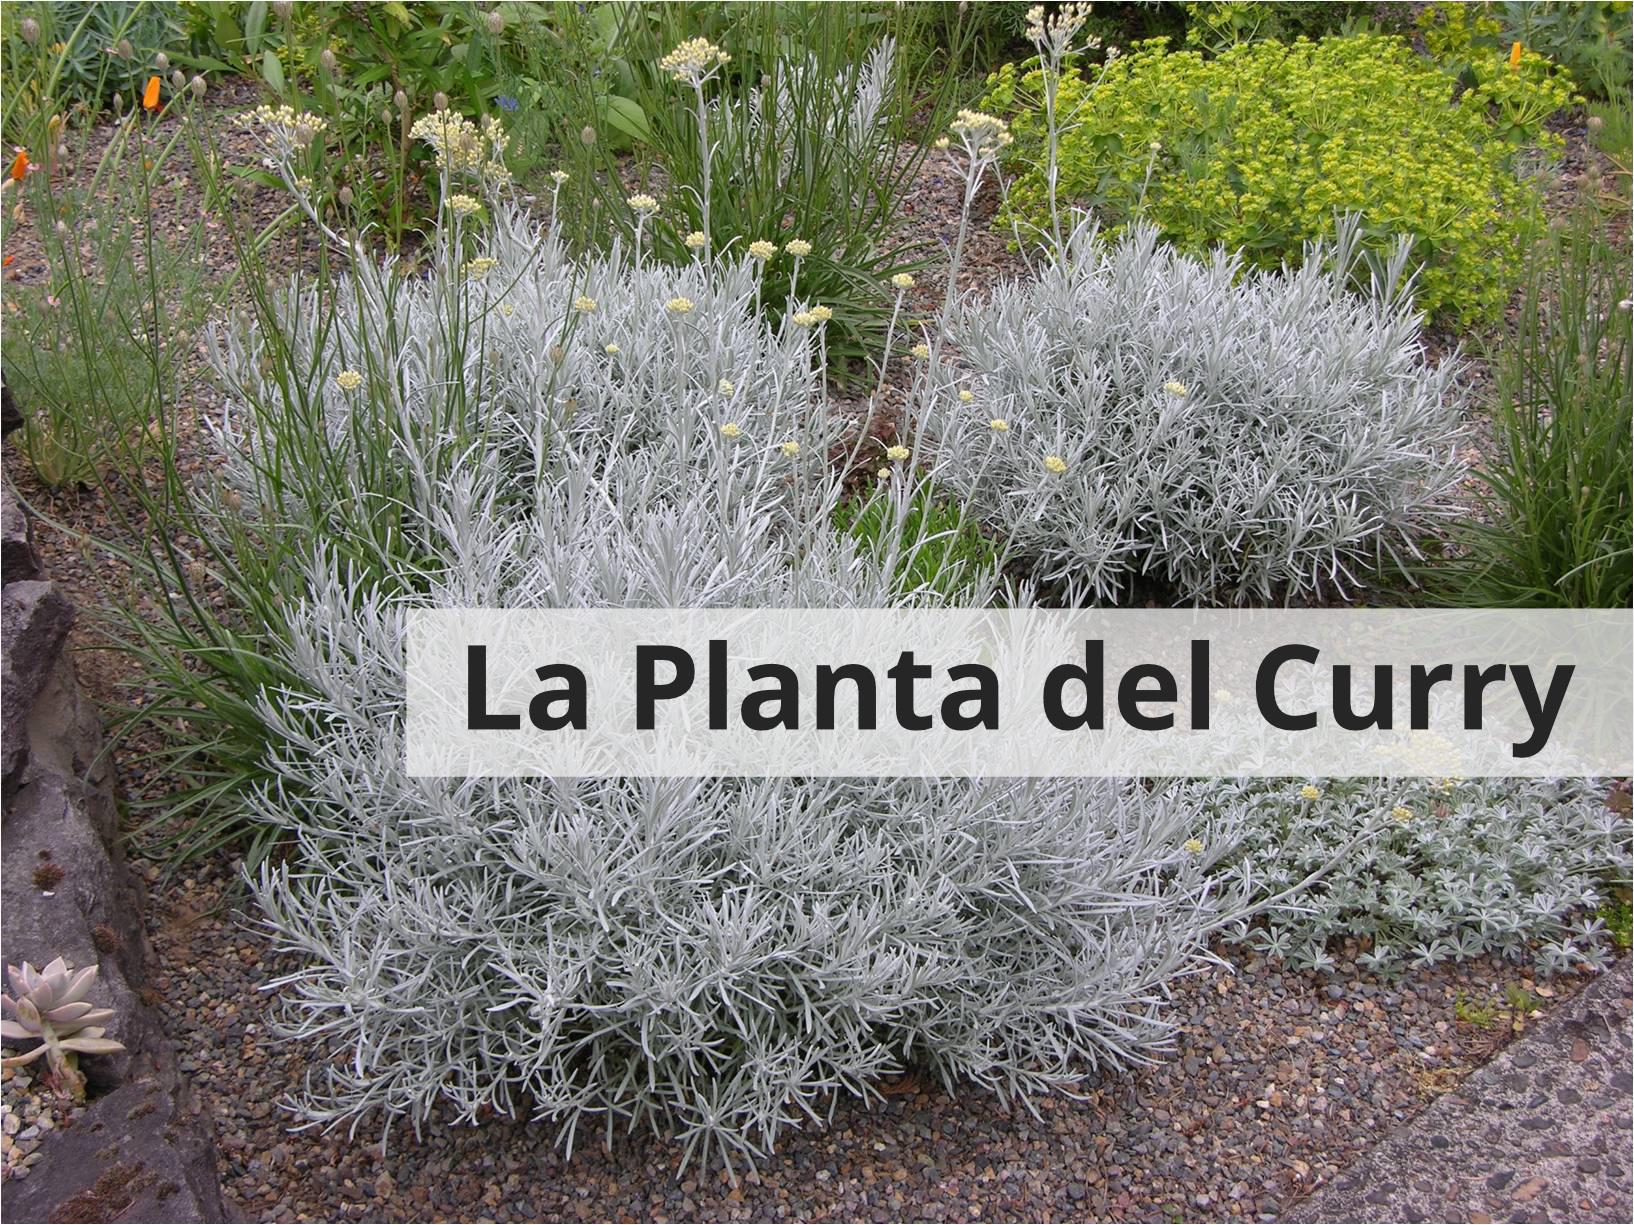 Caracteristiques i cures de la planta del curri (video)